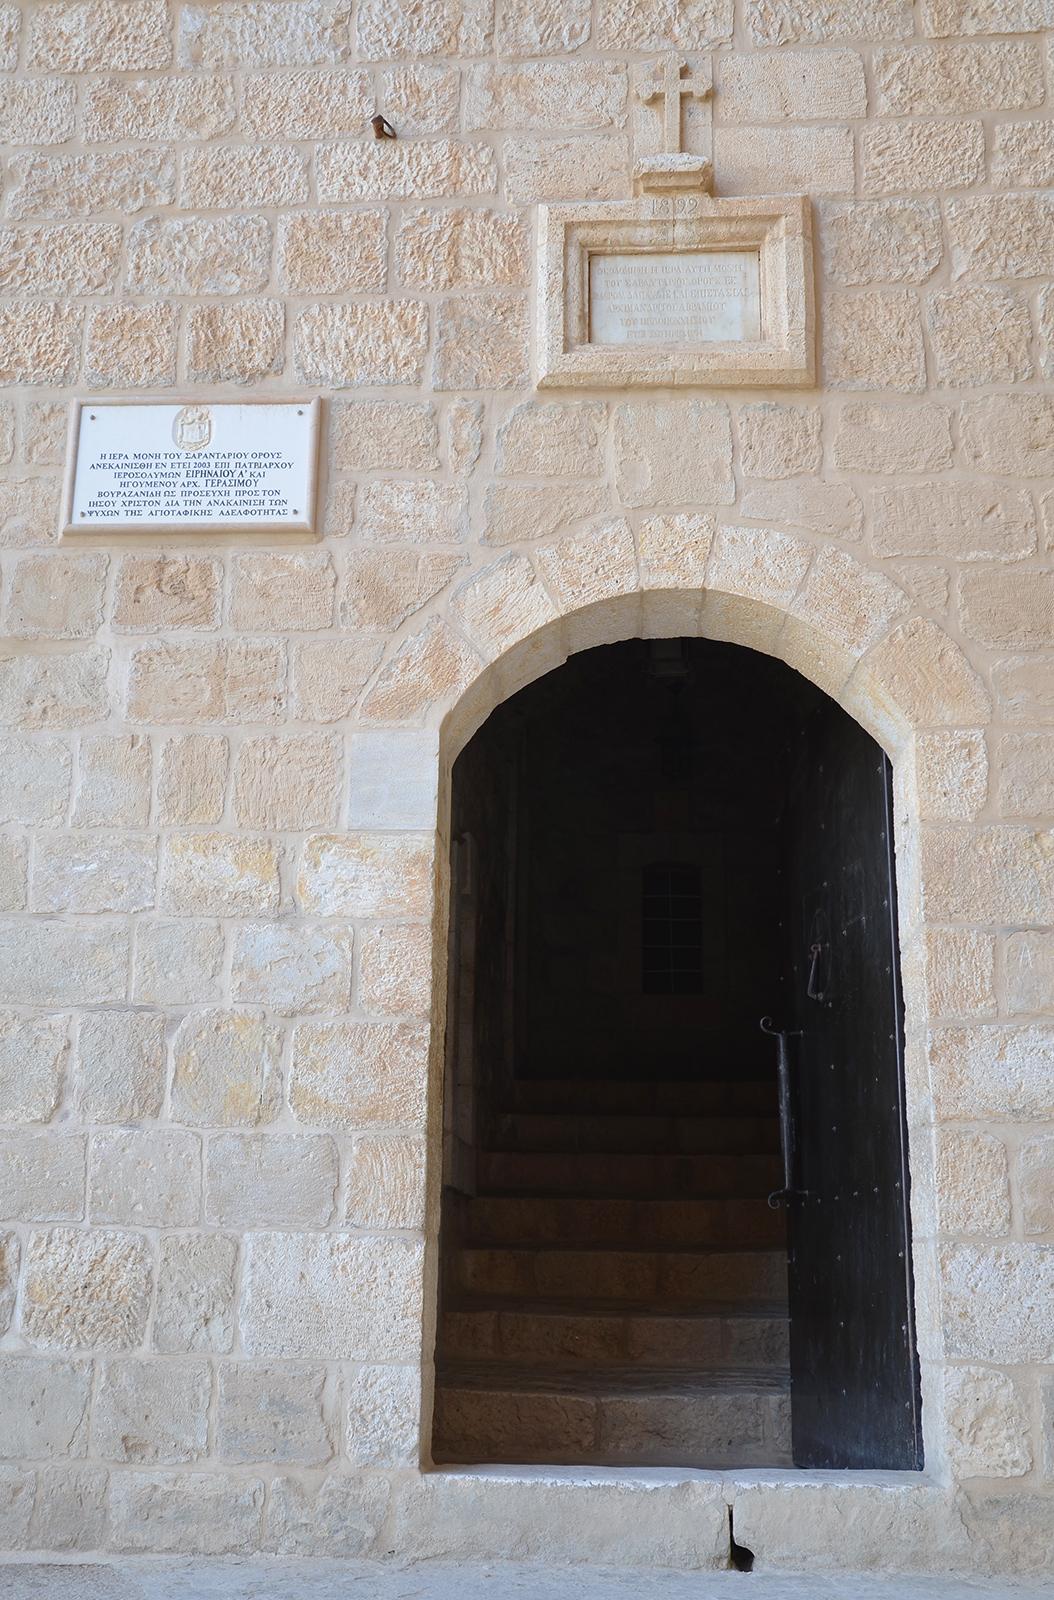 Vchod do Kláštera pokušení, Jericho, Západní břeh